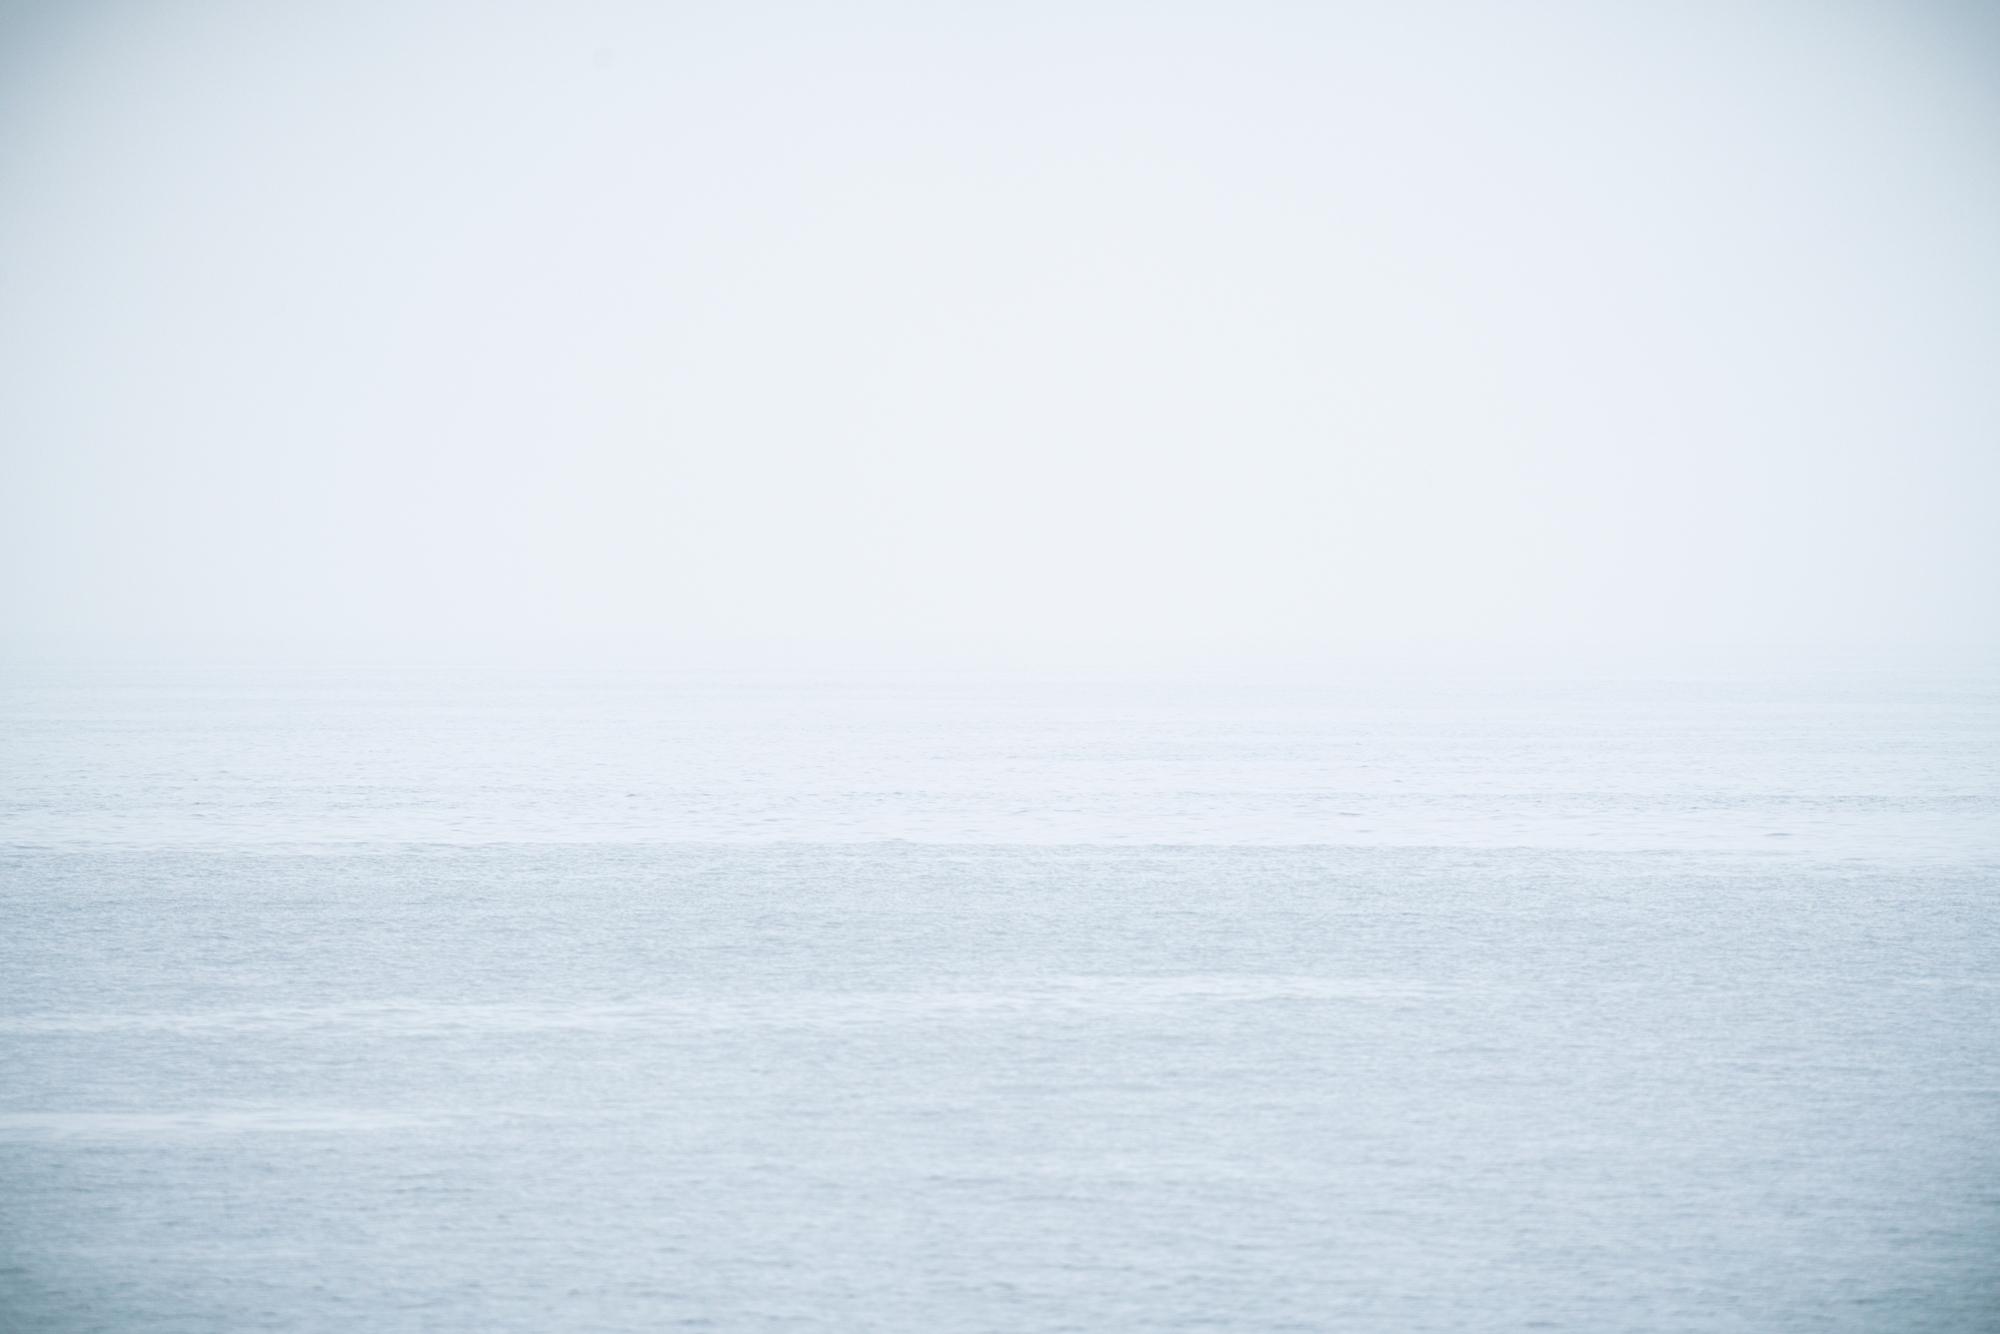 【海の日】撮りもどそう ~遠き碧への想い~ Vol.6